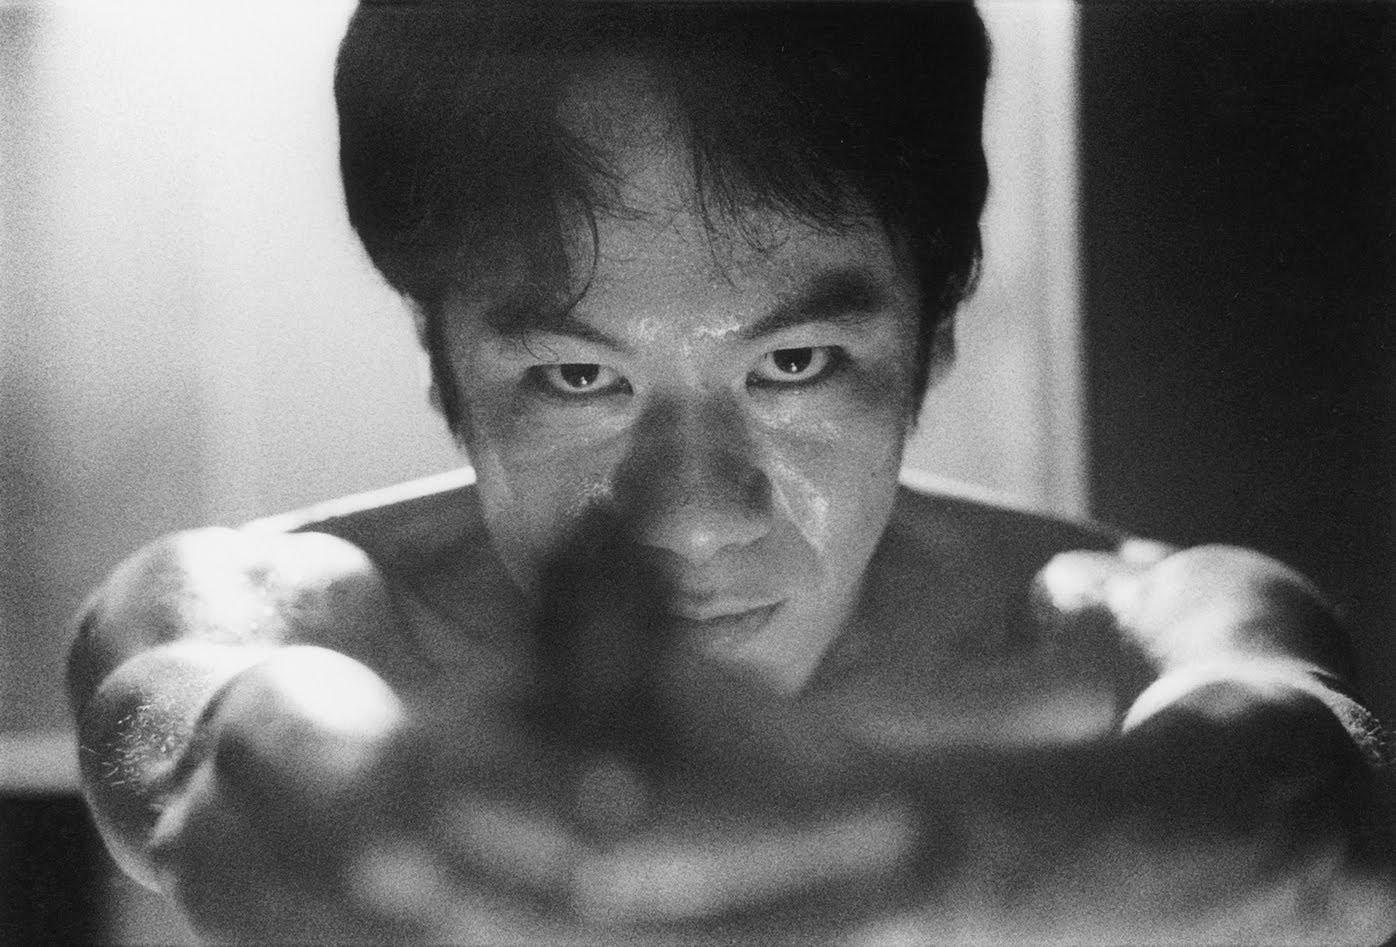 Shinya Tsukamoto as Goda in Bullet Ballet (1998)